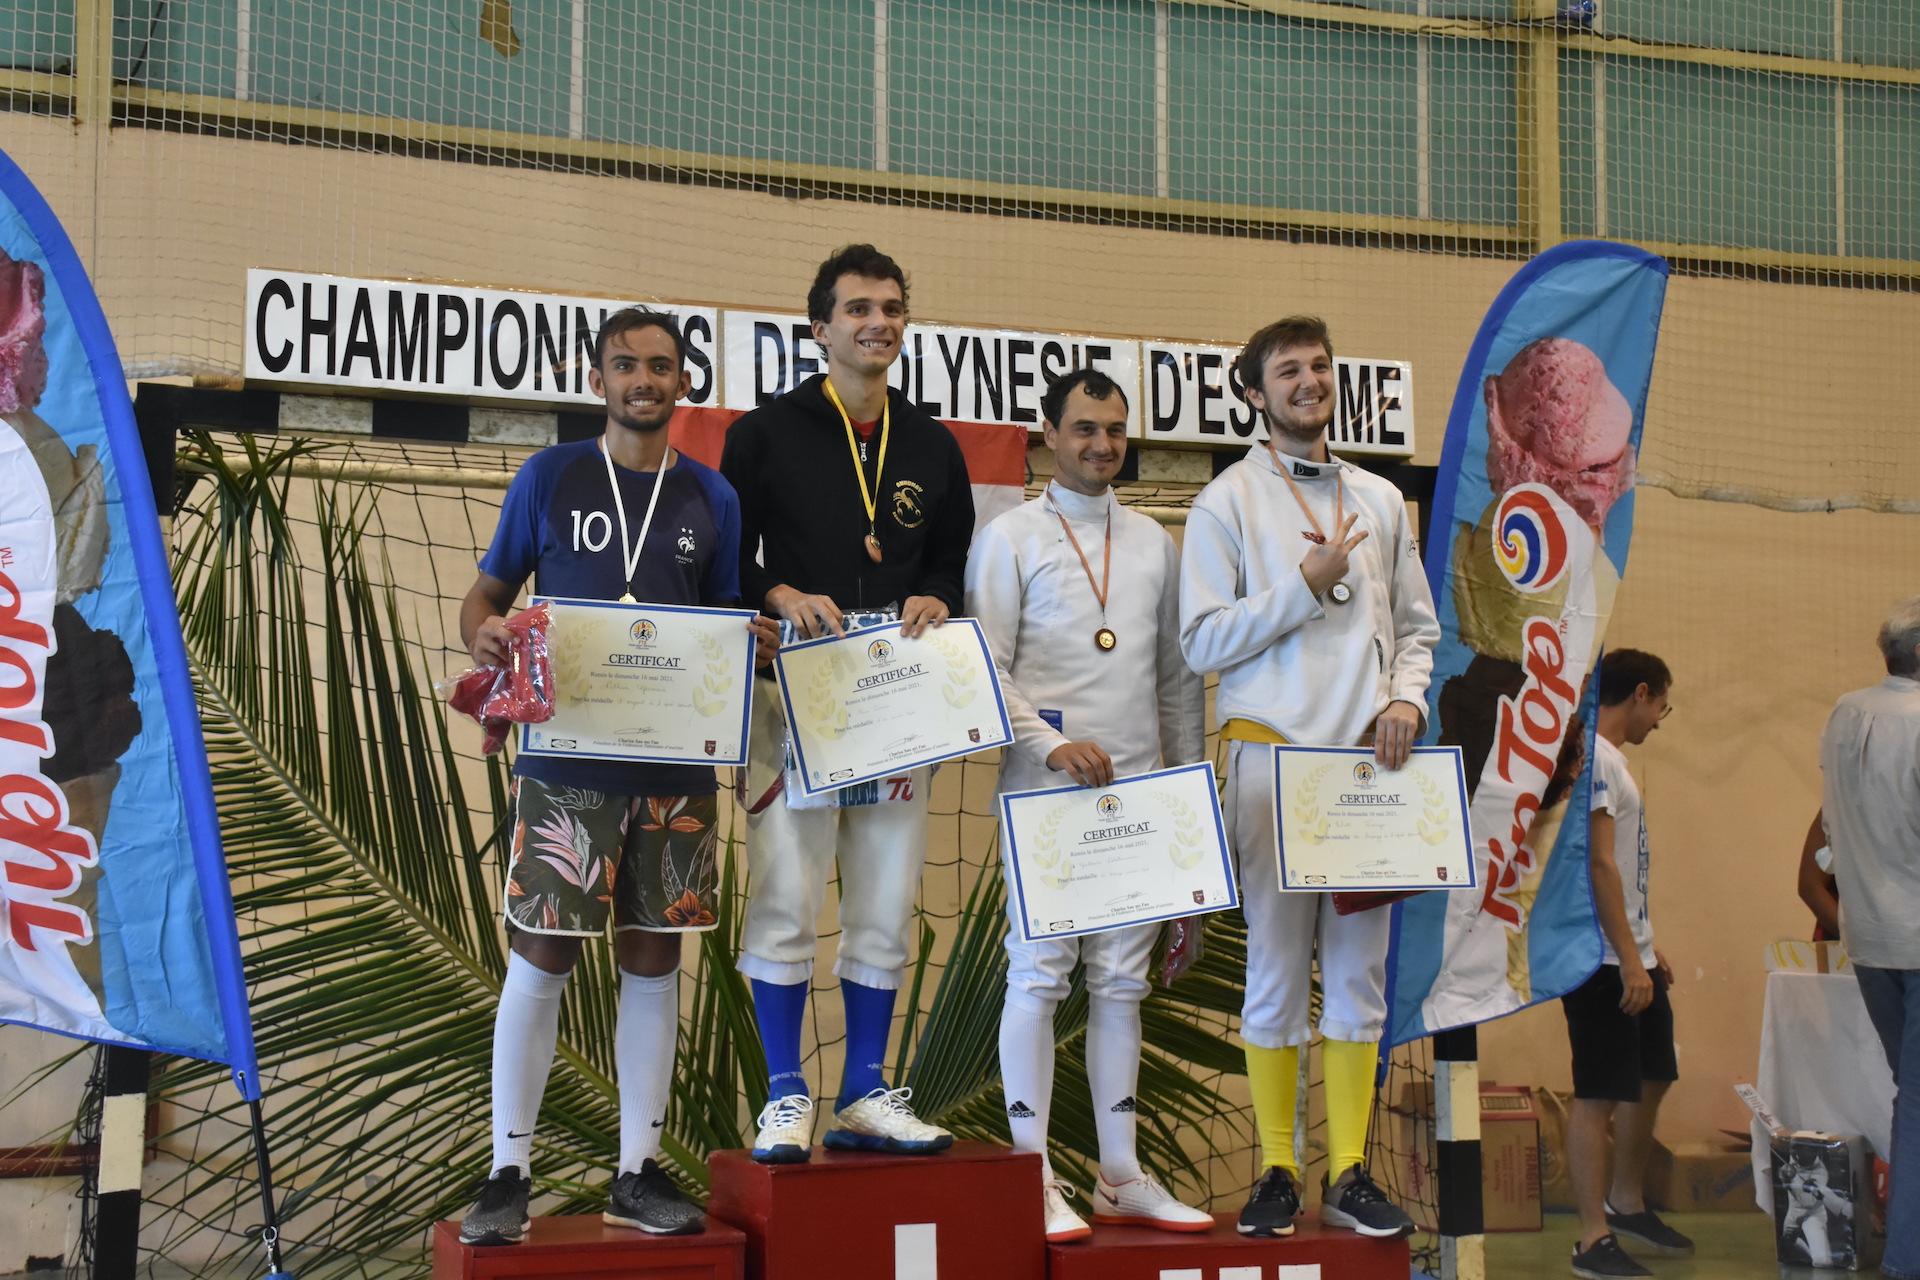 Le podium de l'épée messieurs dominé par Nans Damon, du Aito Papeete Escrime.